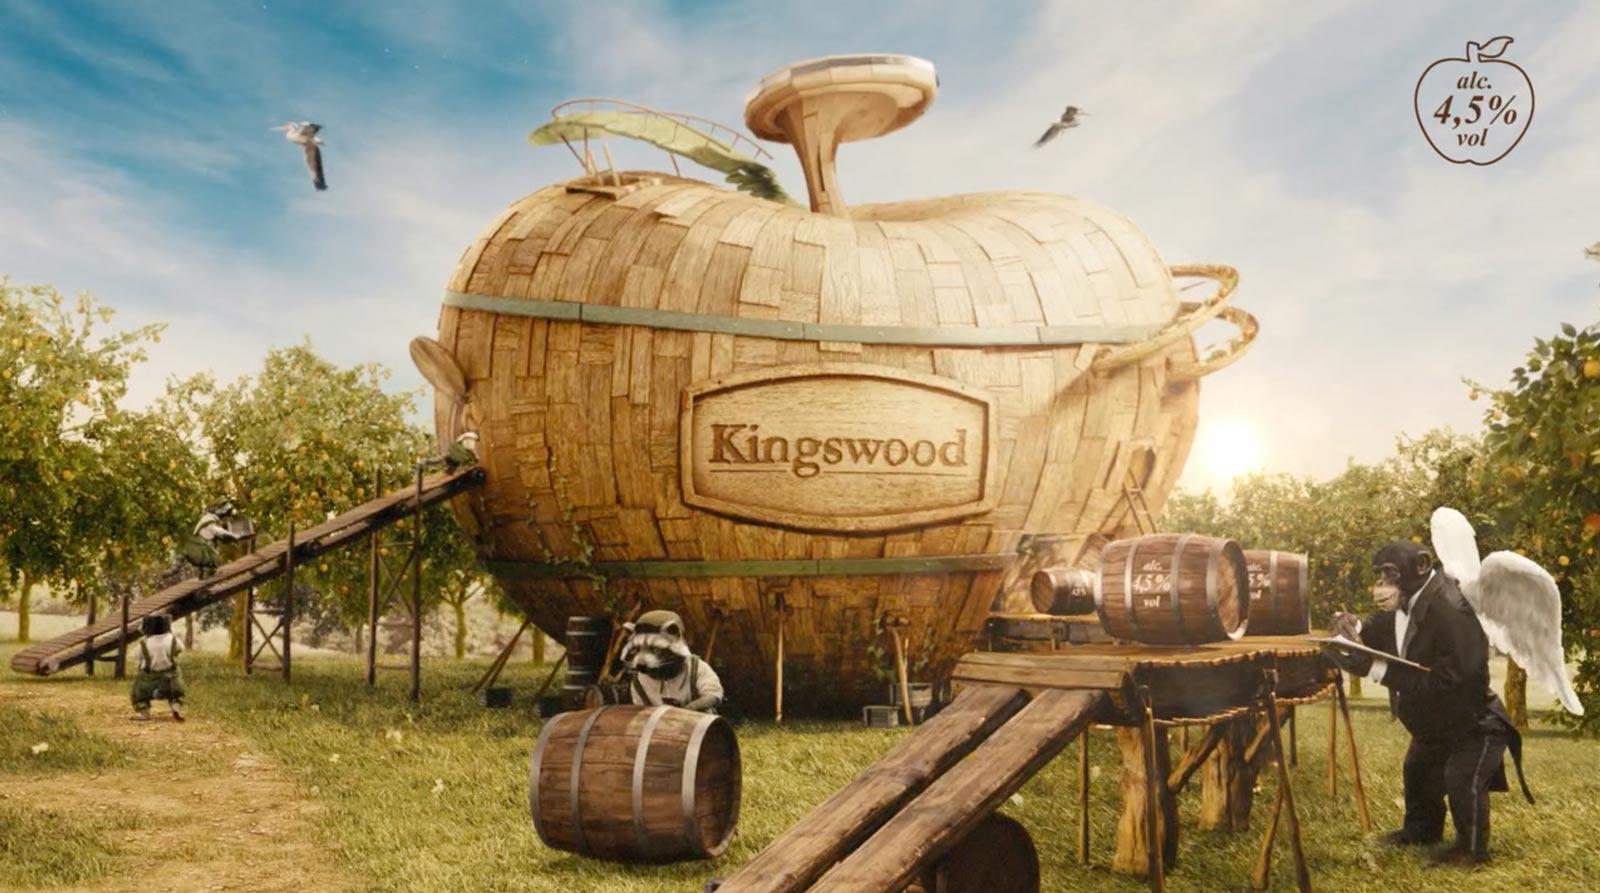 Kingswood Cider (SAB Miller)